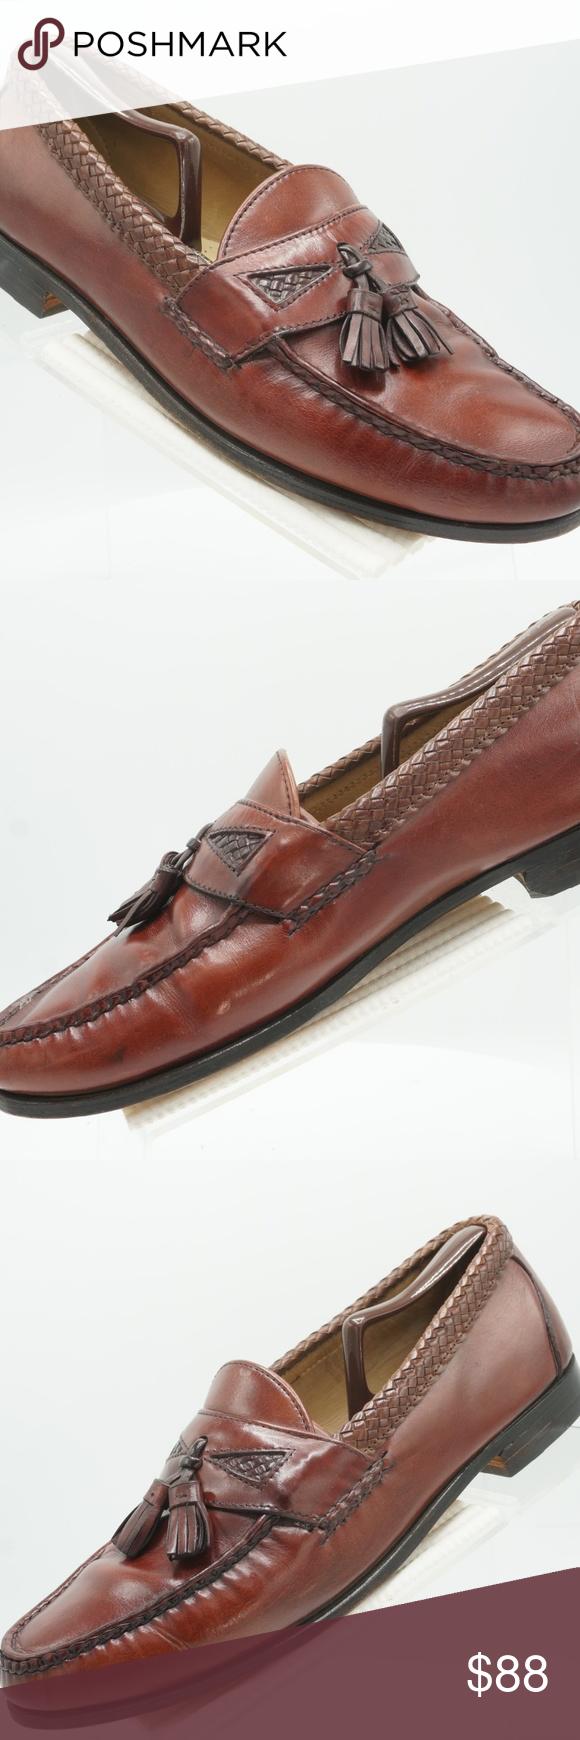 Allen Edmonds Size 11 EEE Loafers Mens